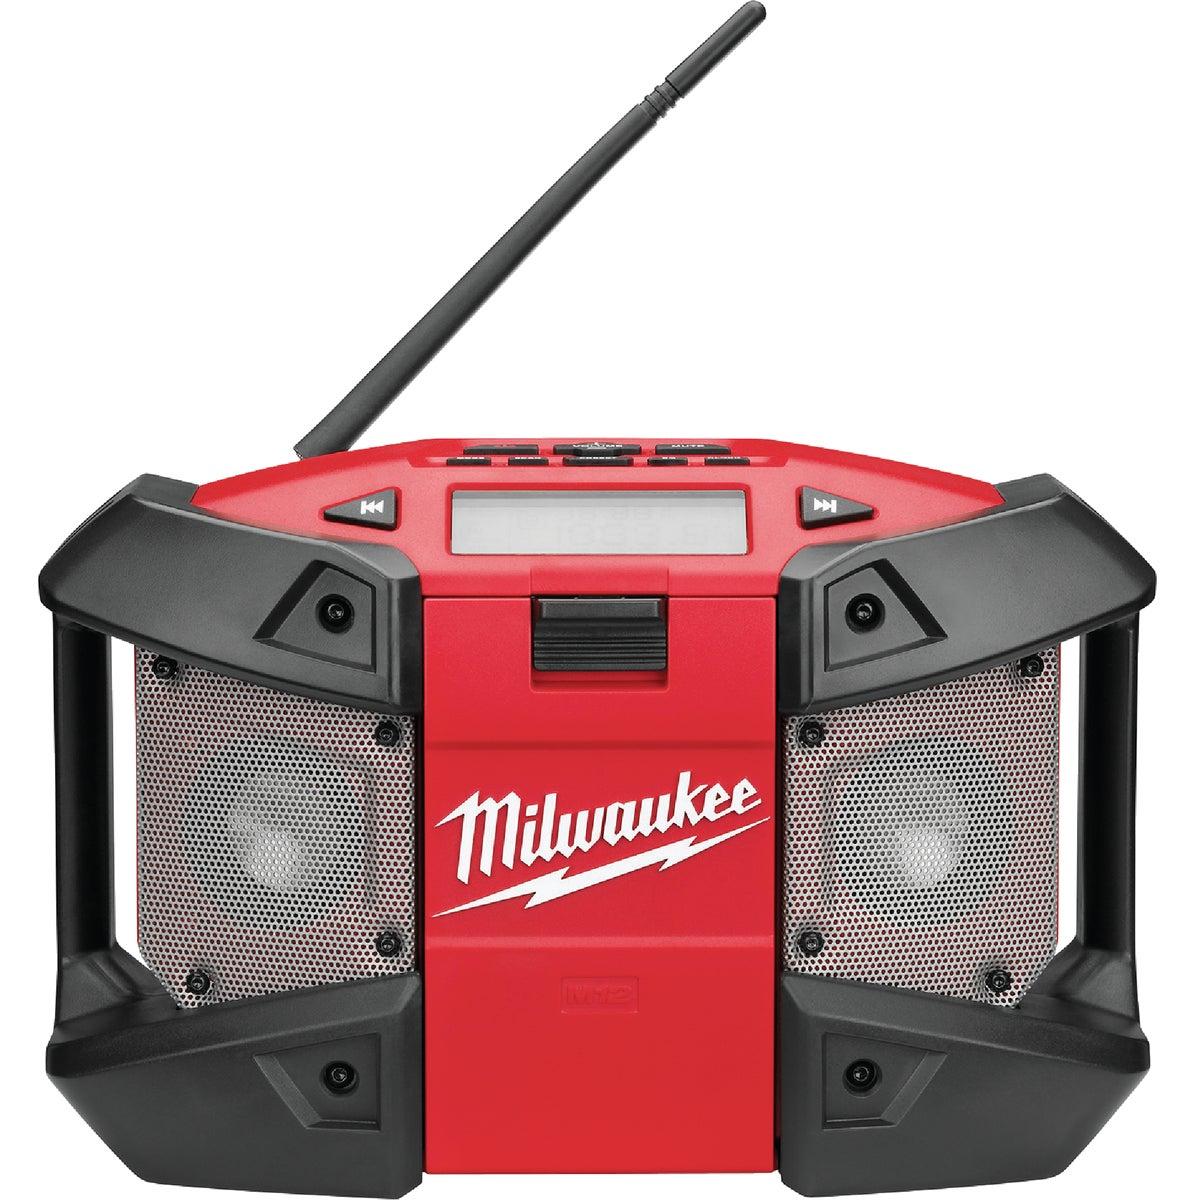 M12 12V RADIO